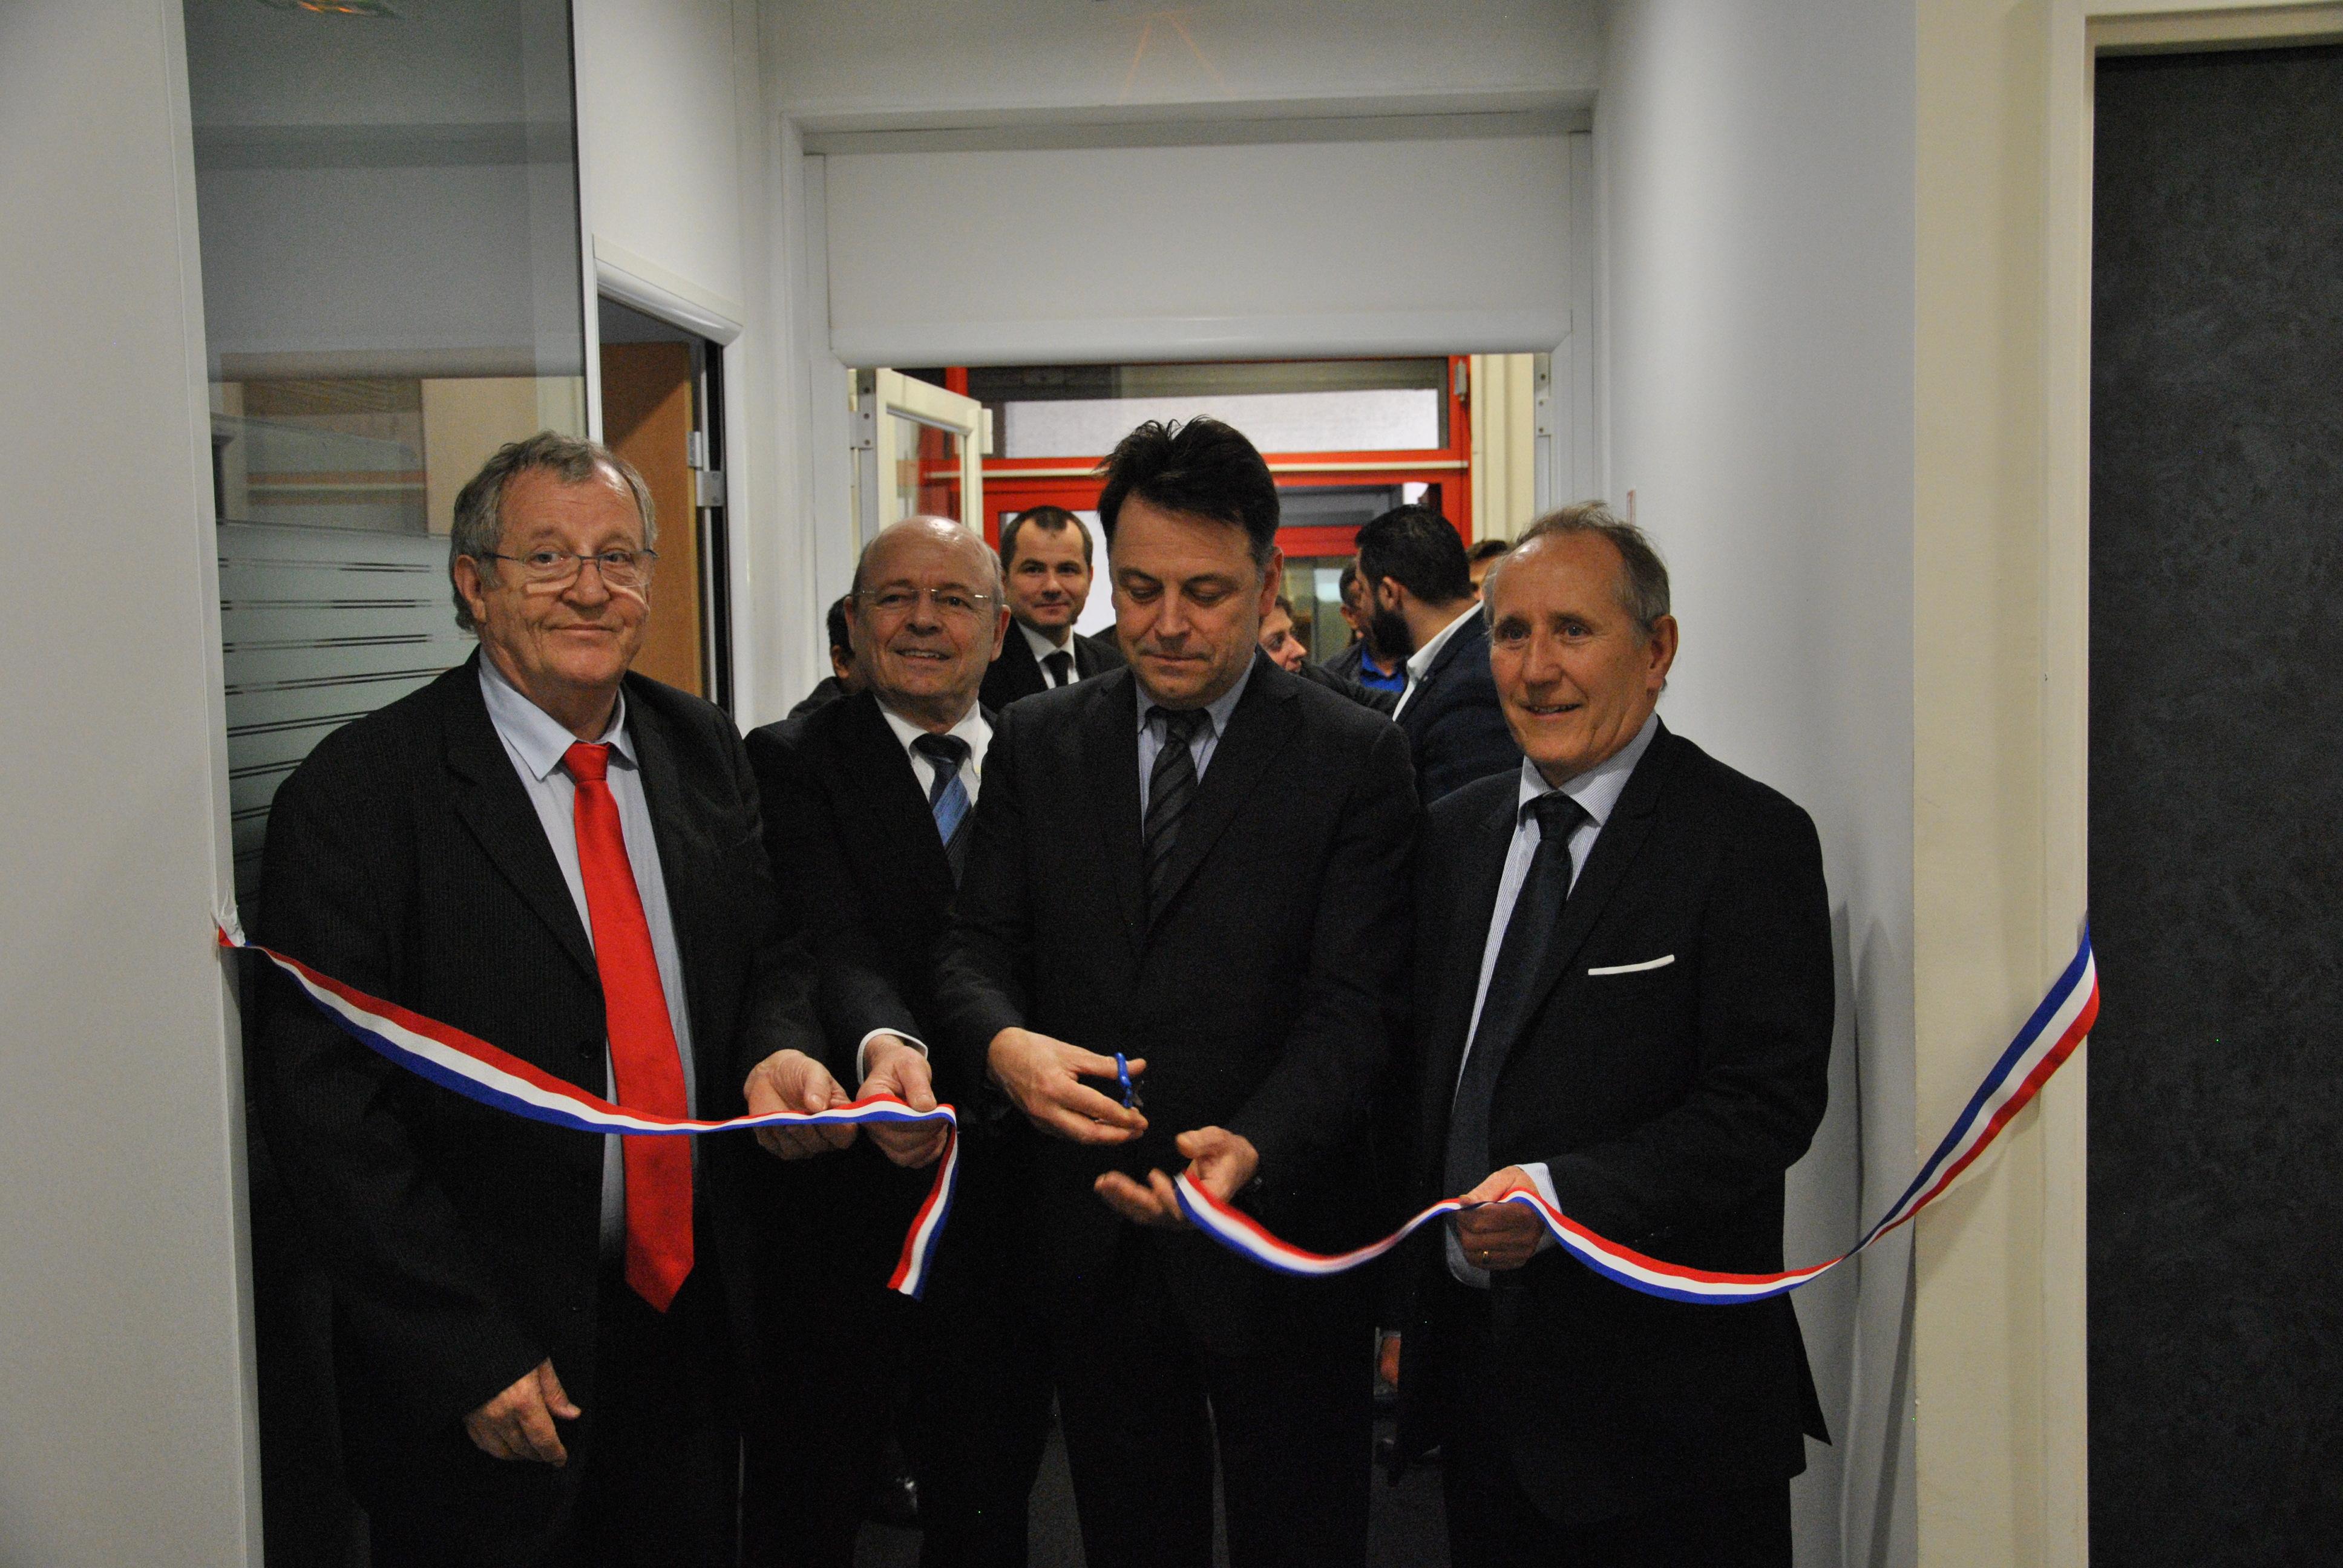 De gauche à droite : Philippe LEMAIRE, Directeur Général, Pierre CARLI, Administrateur, Yann JOUNOT, Préfet des Hauts-de-Seine et Patrick JARRY, Maire de Nanterre